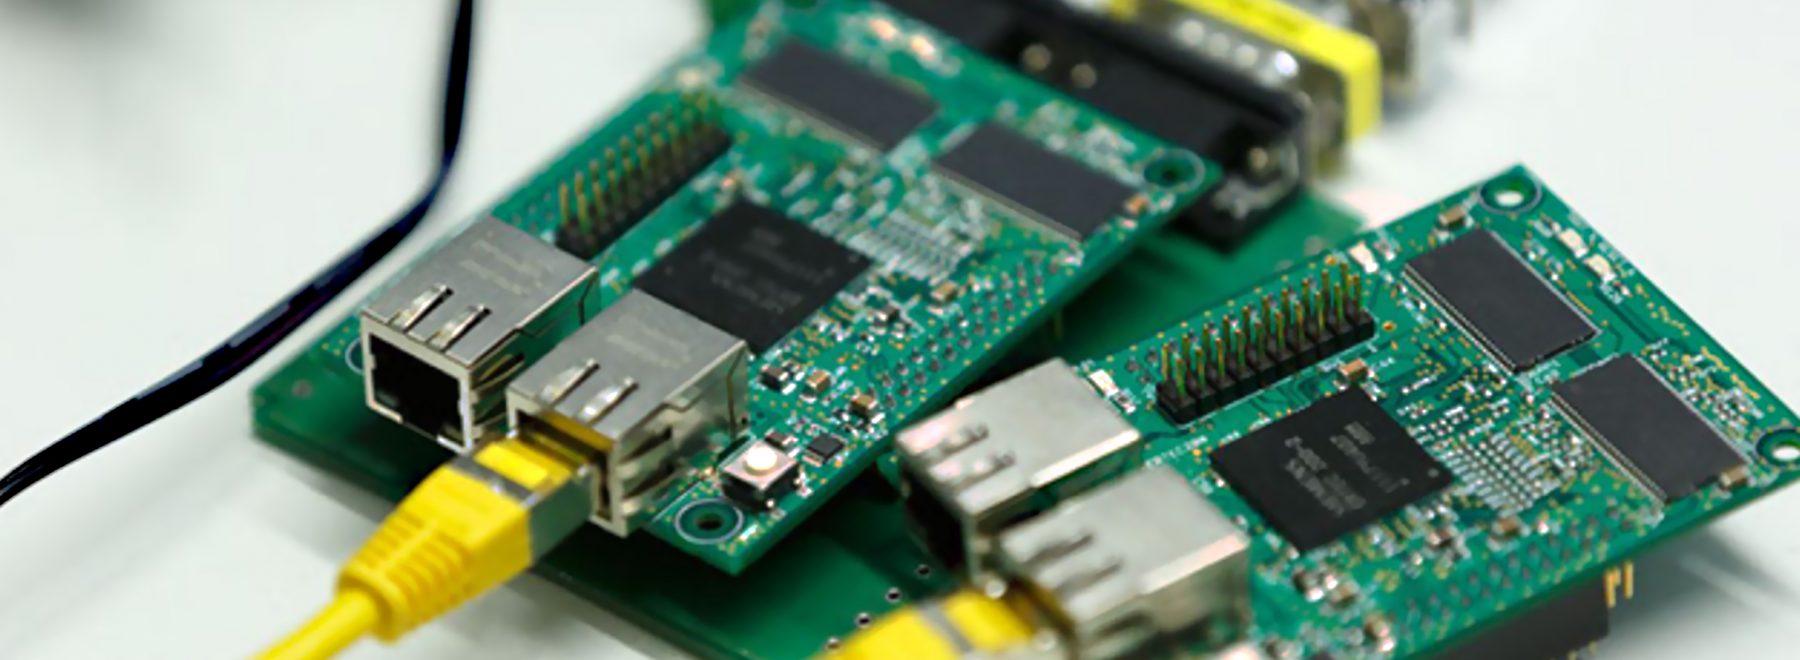 Das Bild zeigt Rapsberry PI's. Diese finden Einsatz im Teilbereich Echzeitfähiges Industrial Ethernet / Industrie 4.0.